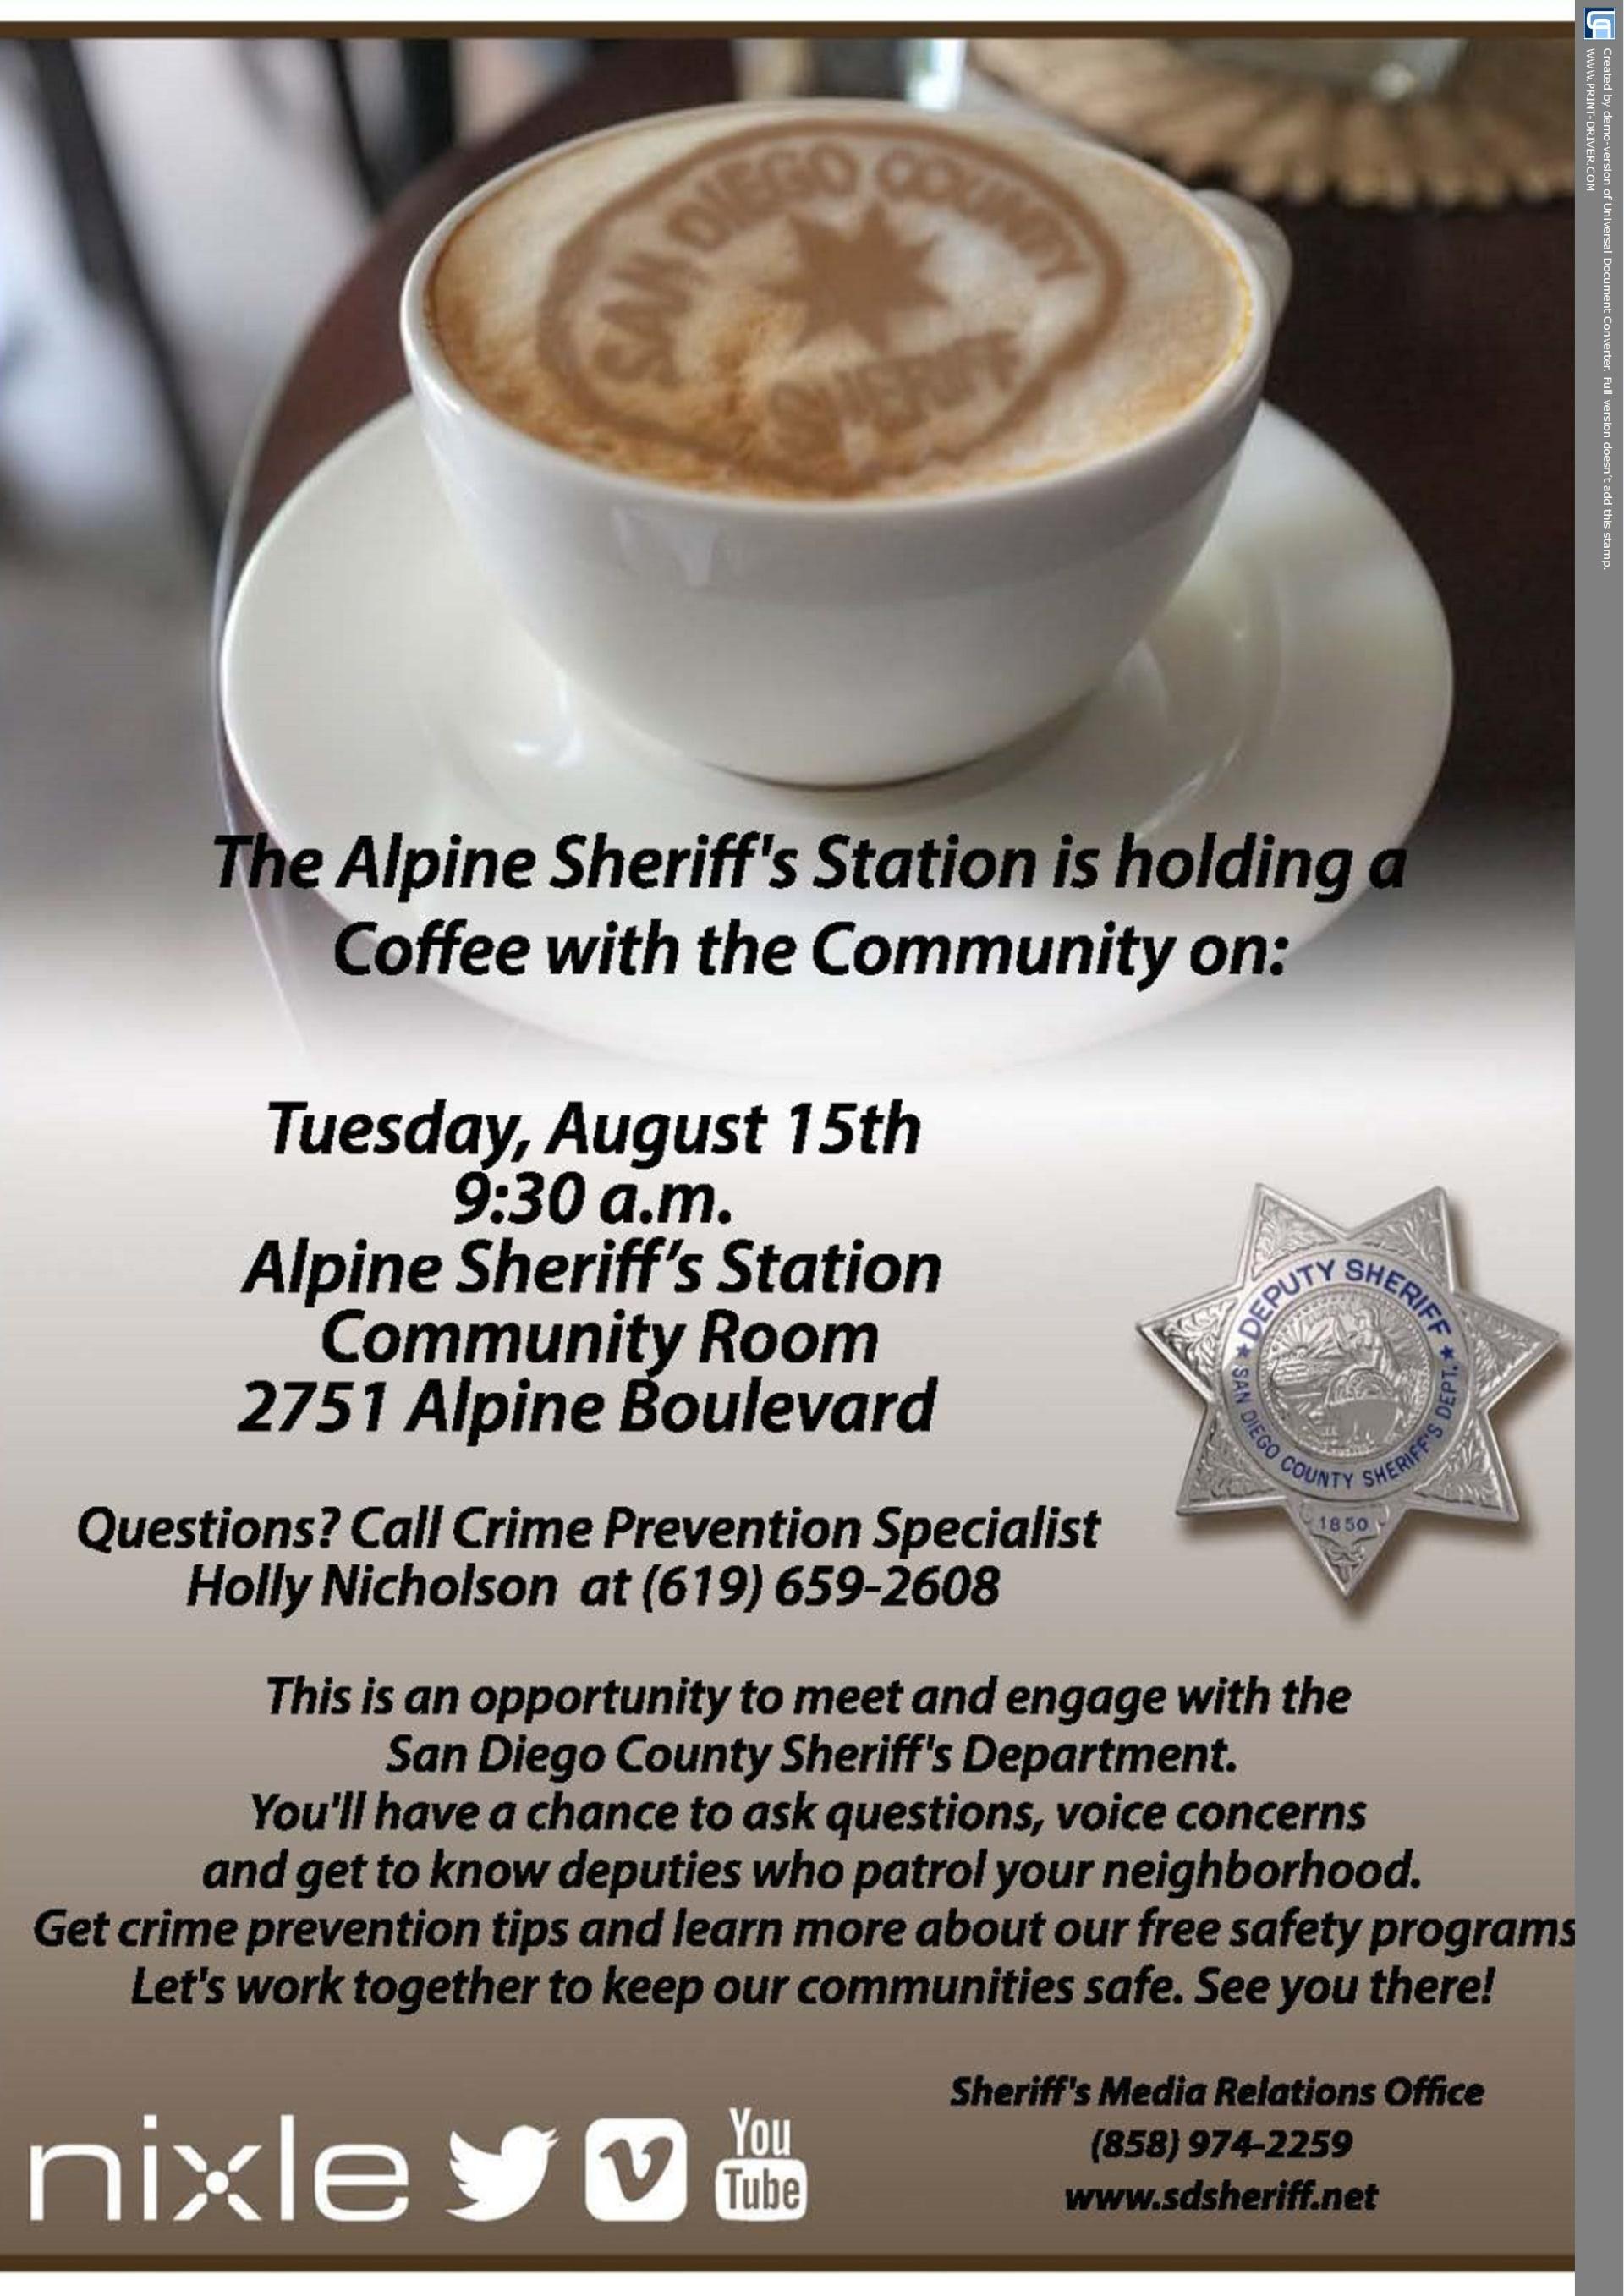 Coffee-Sheriff-Alpine-August-2017-w1920.jpg